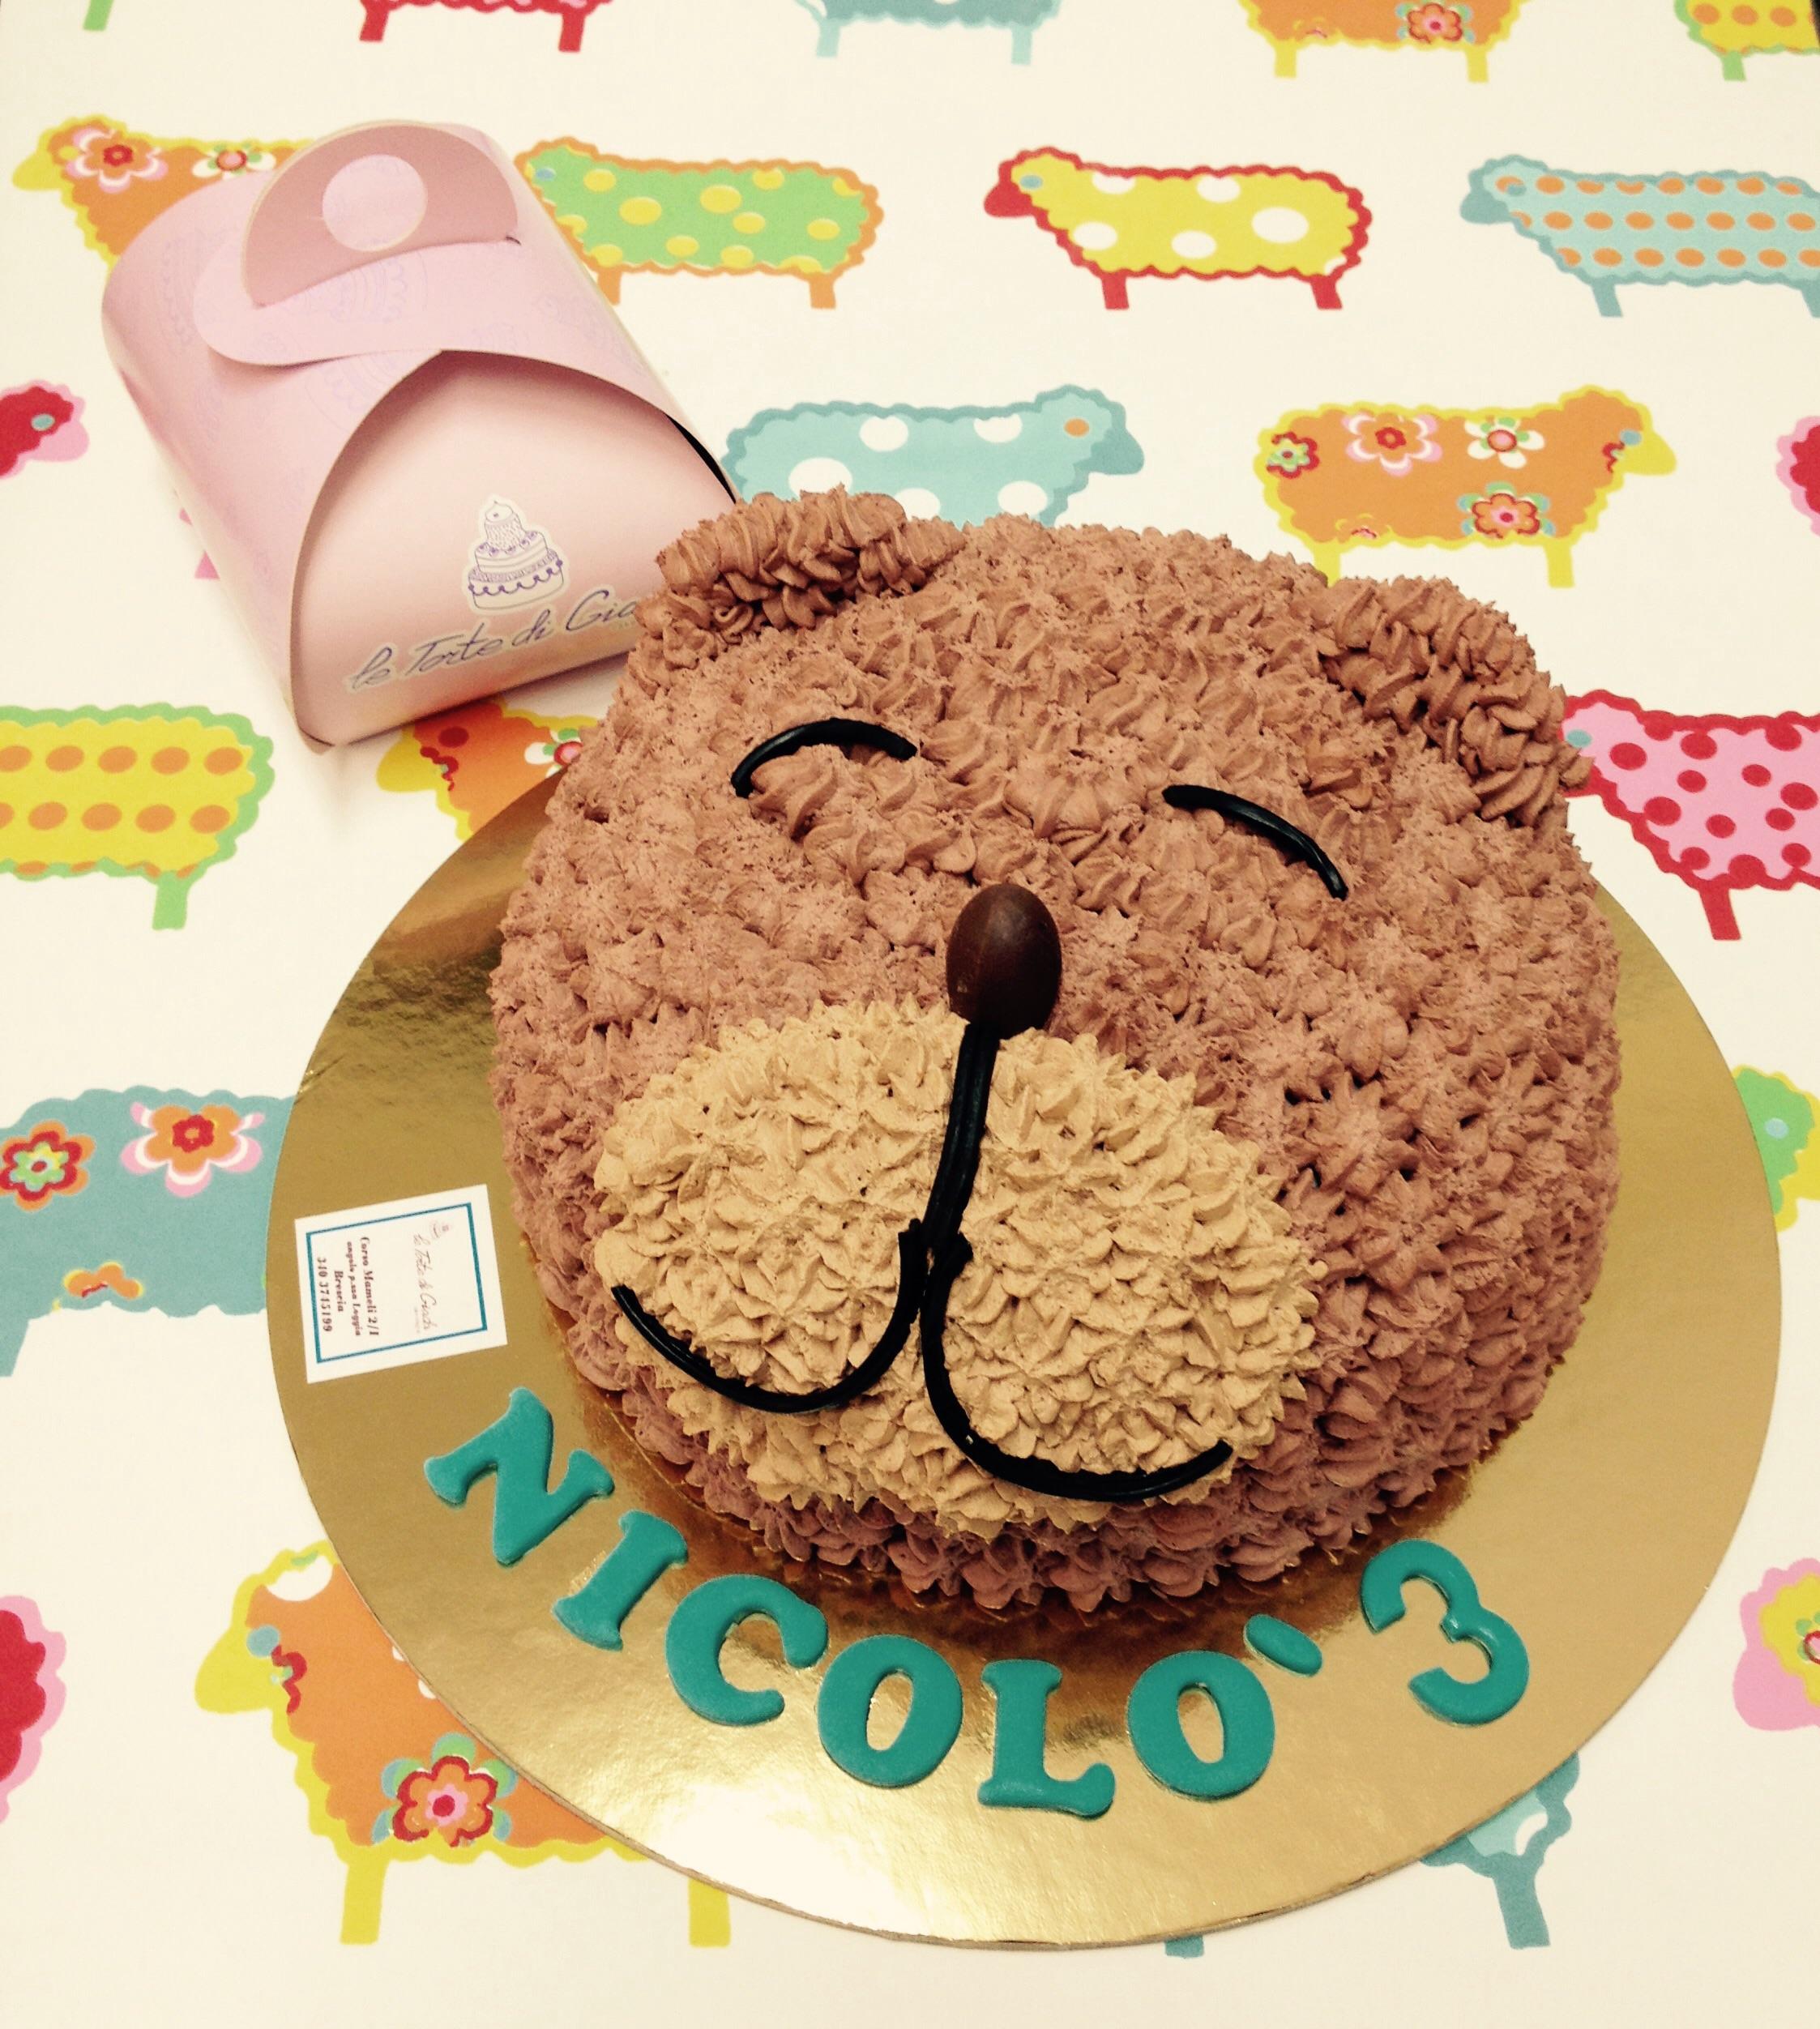 Tutorial orsetto di panna le torte di giada for Decorazioni di torte con panna montata